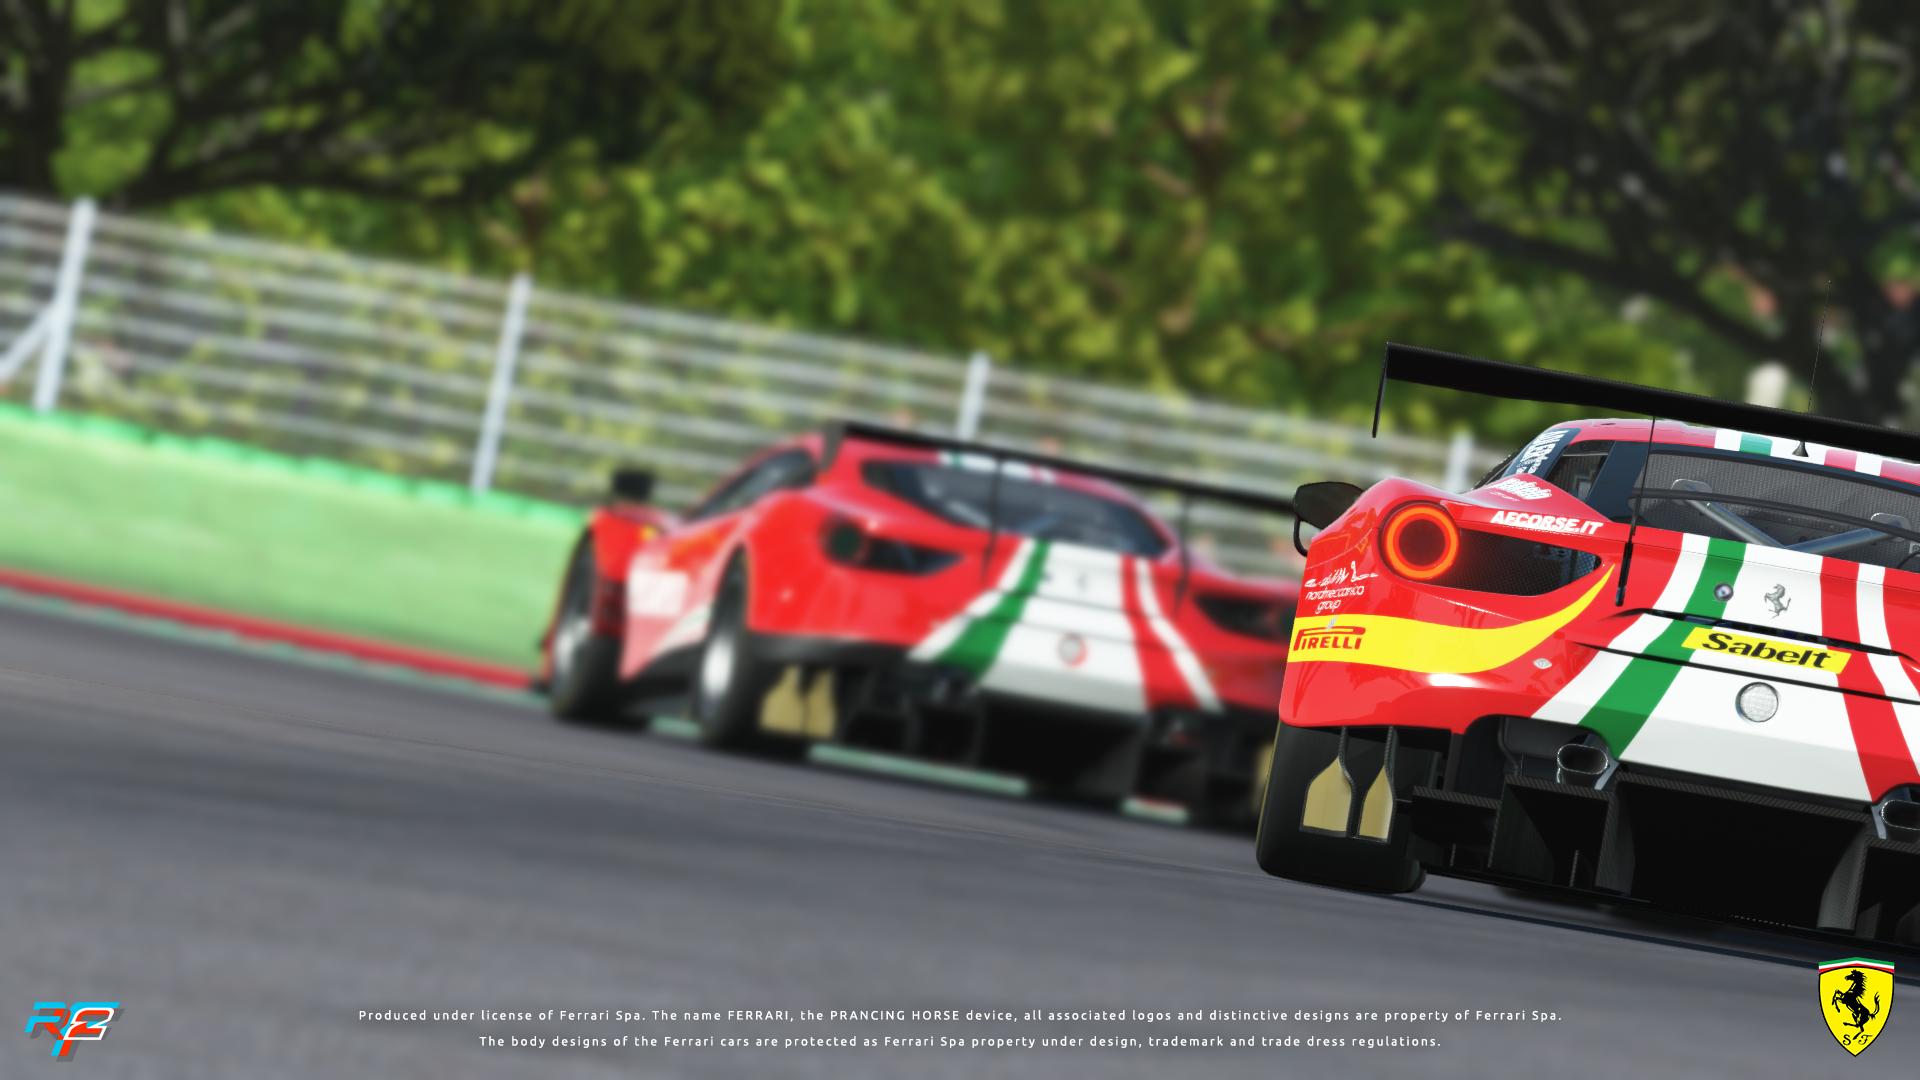 rFactor_2_Ferrari_488_GT3_EVO_2020_06.jp